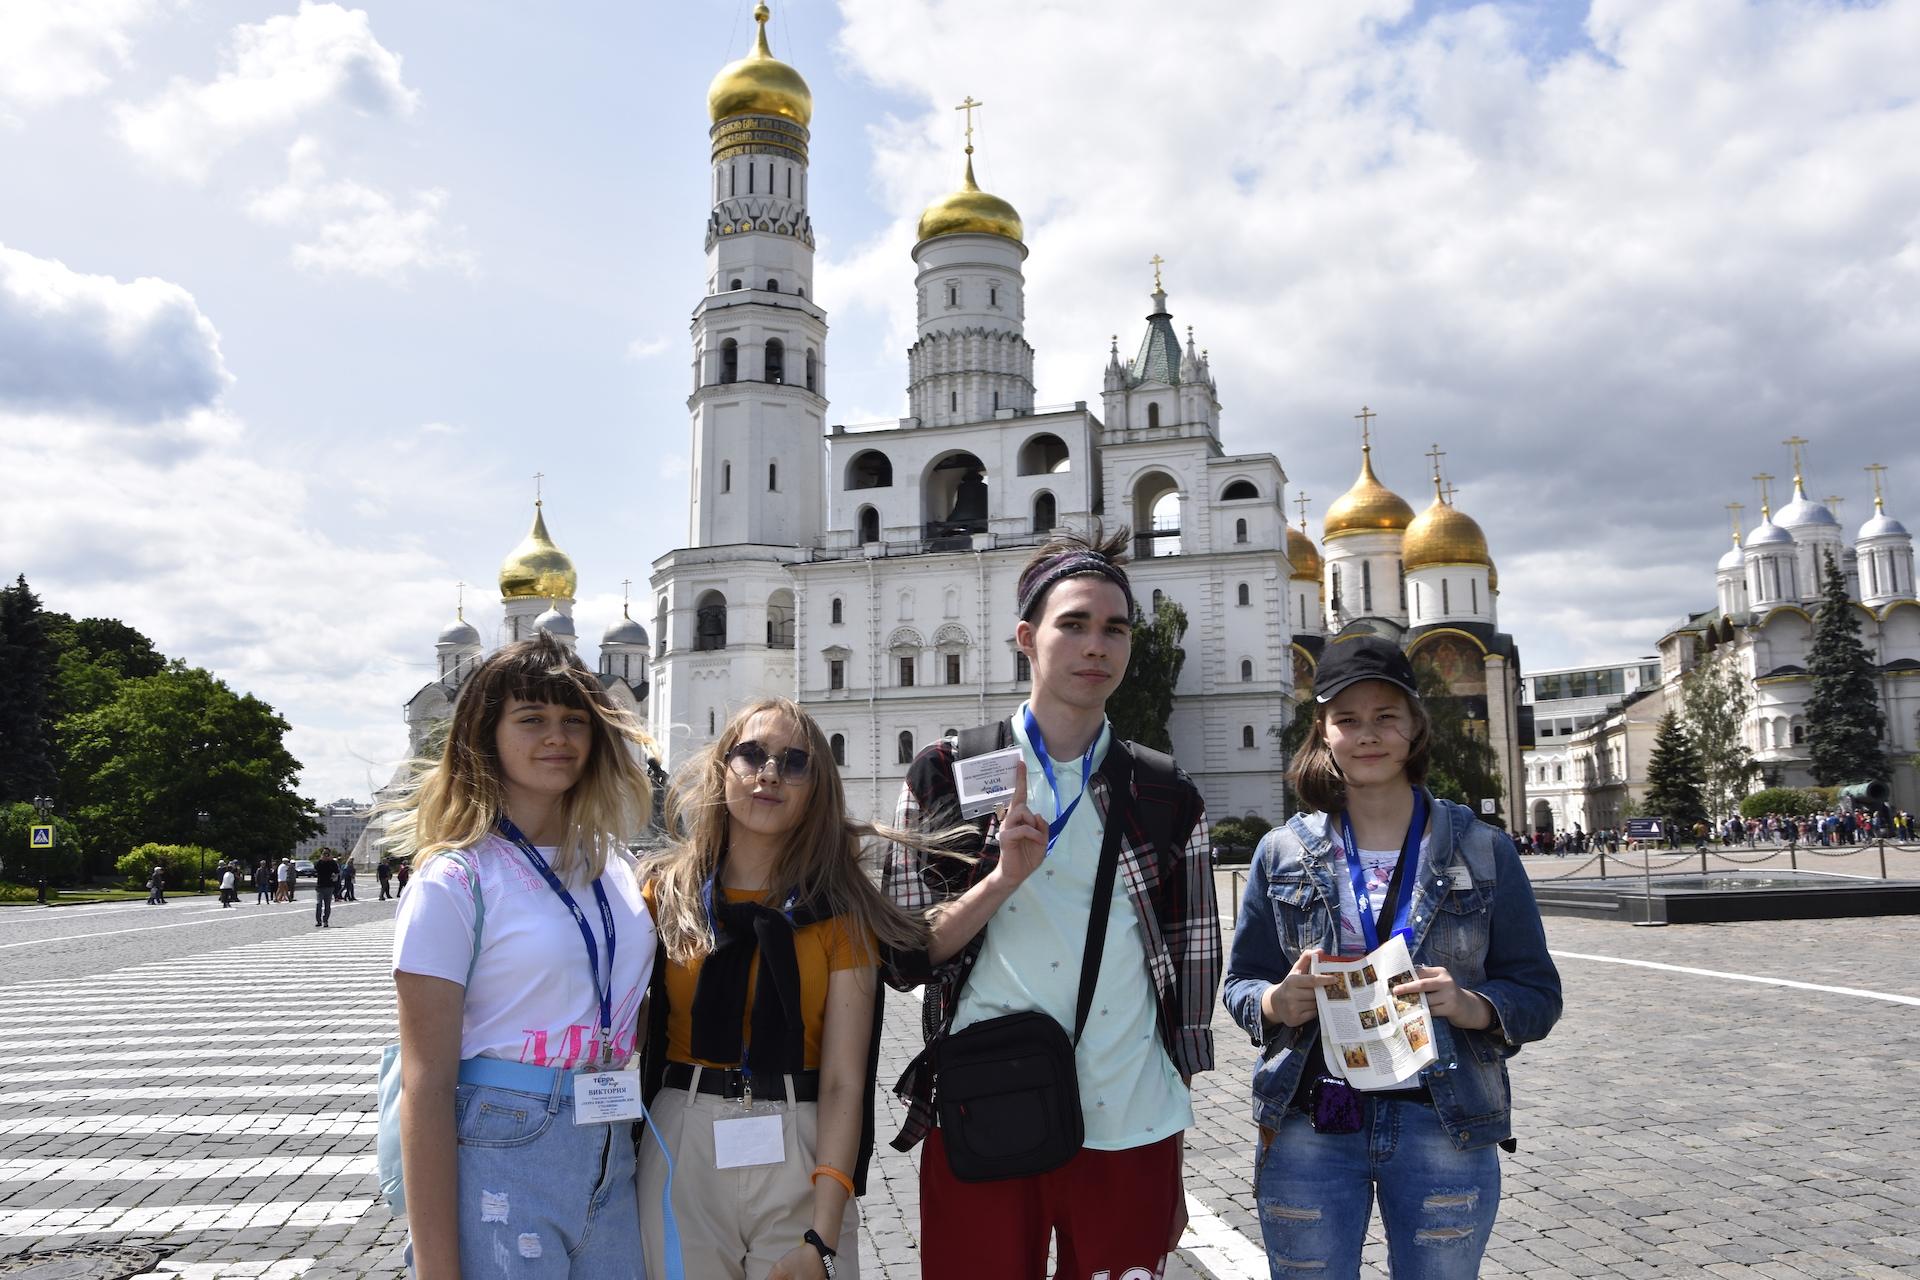 комплекс можно путешествие из москвы в сочи фотоотчет или половой герпес